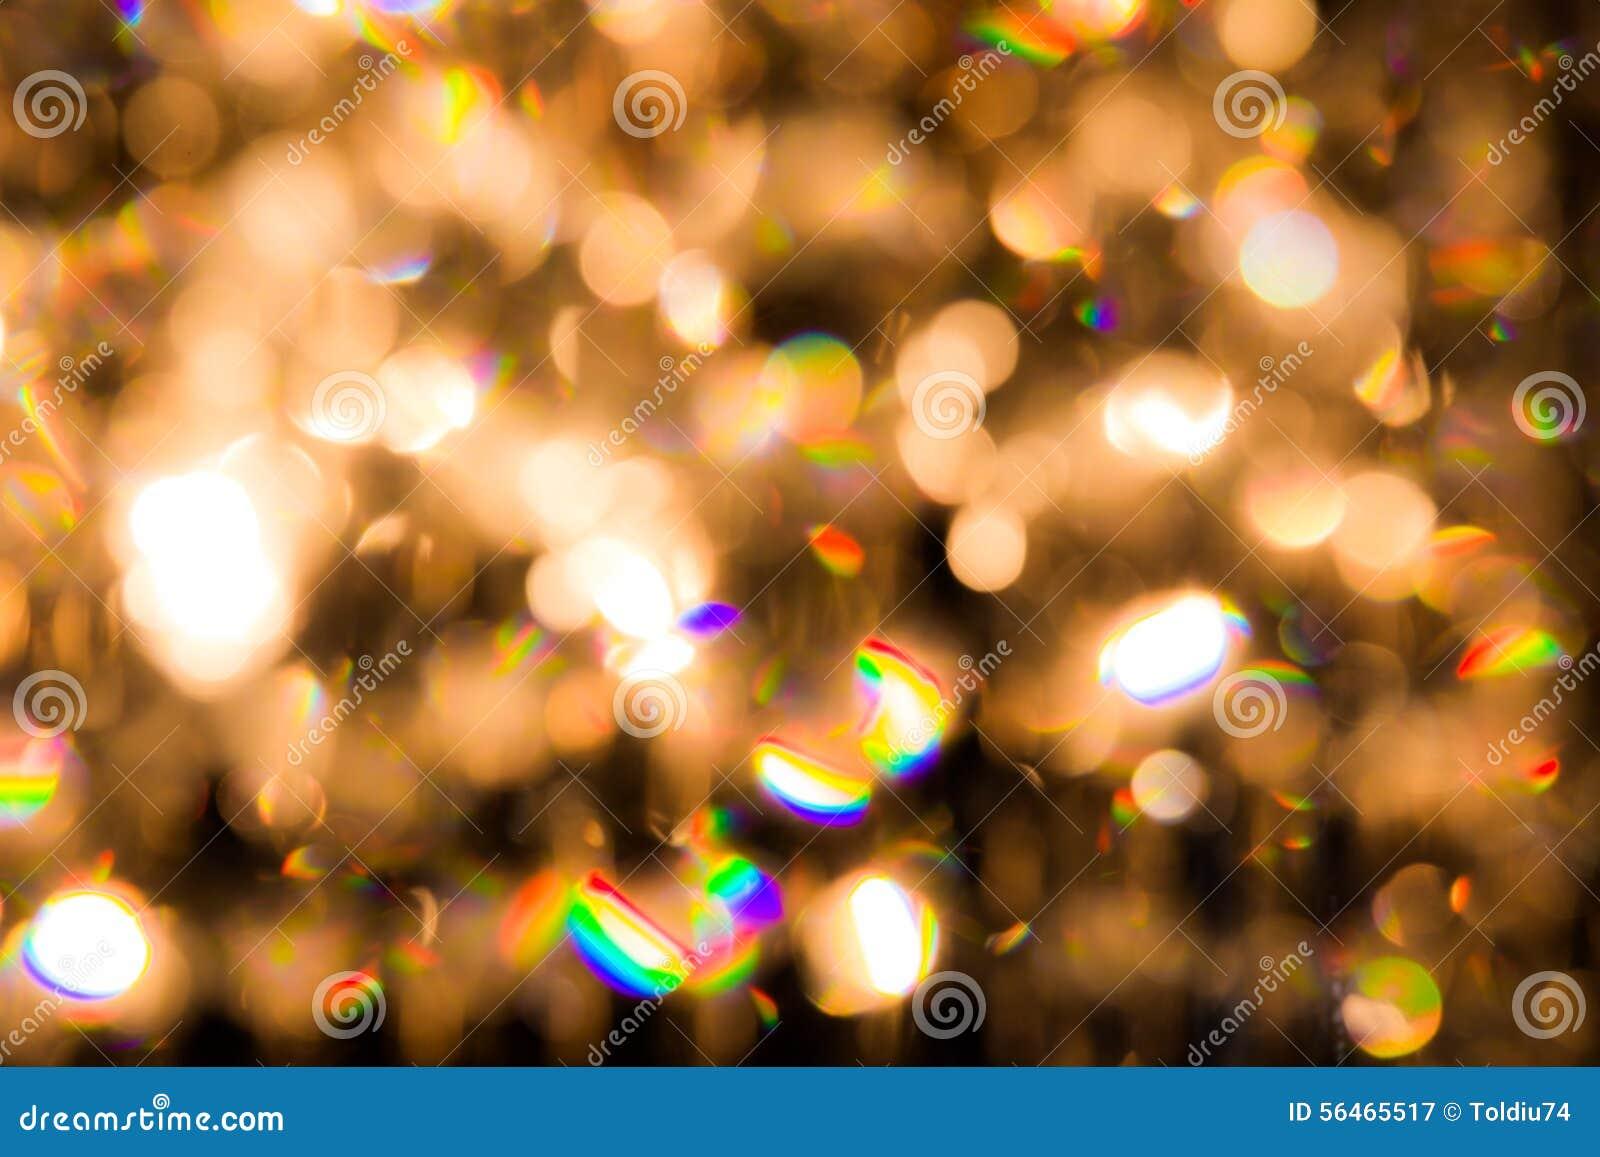 Um candelabro de cristal brilha com luz dourada